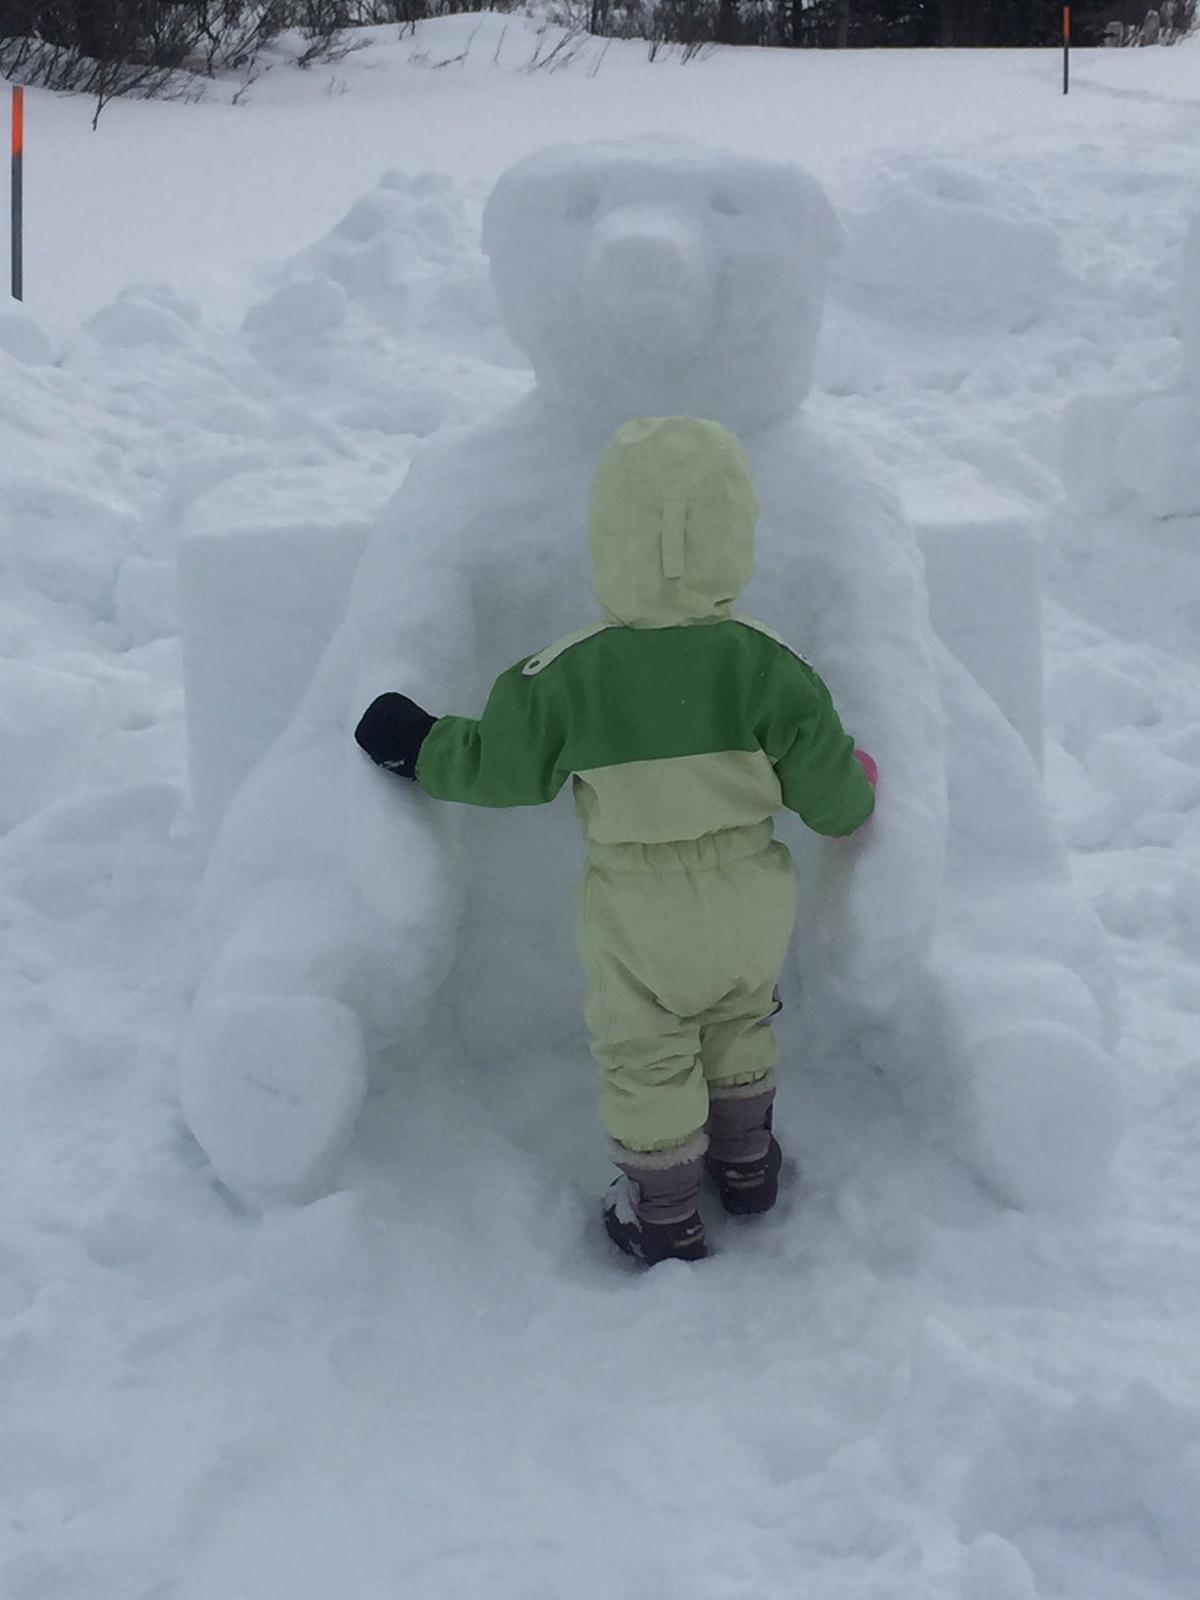 Snow sculpting contest